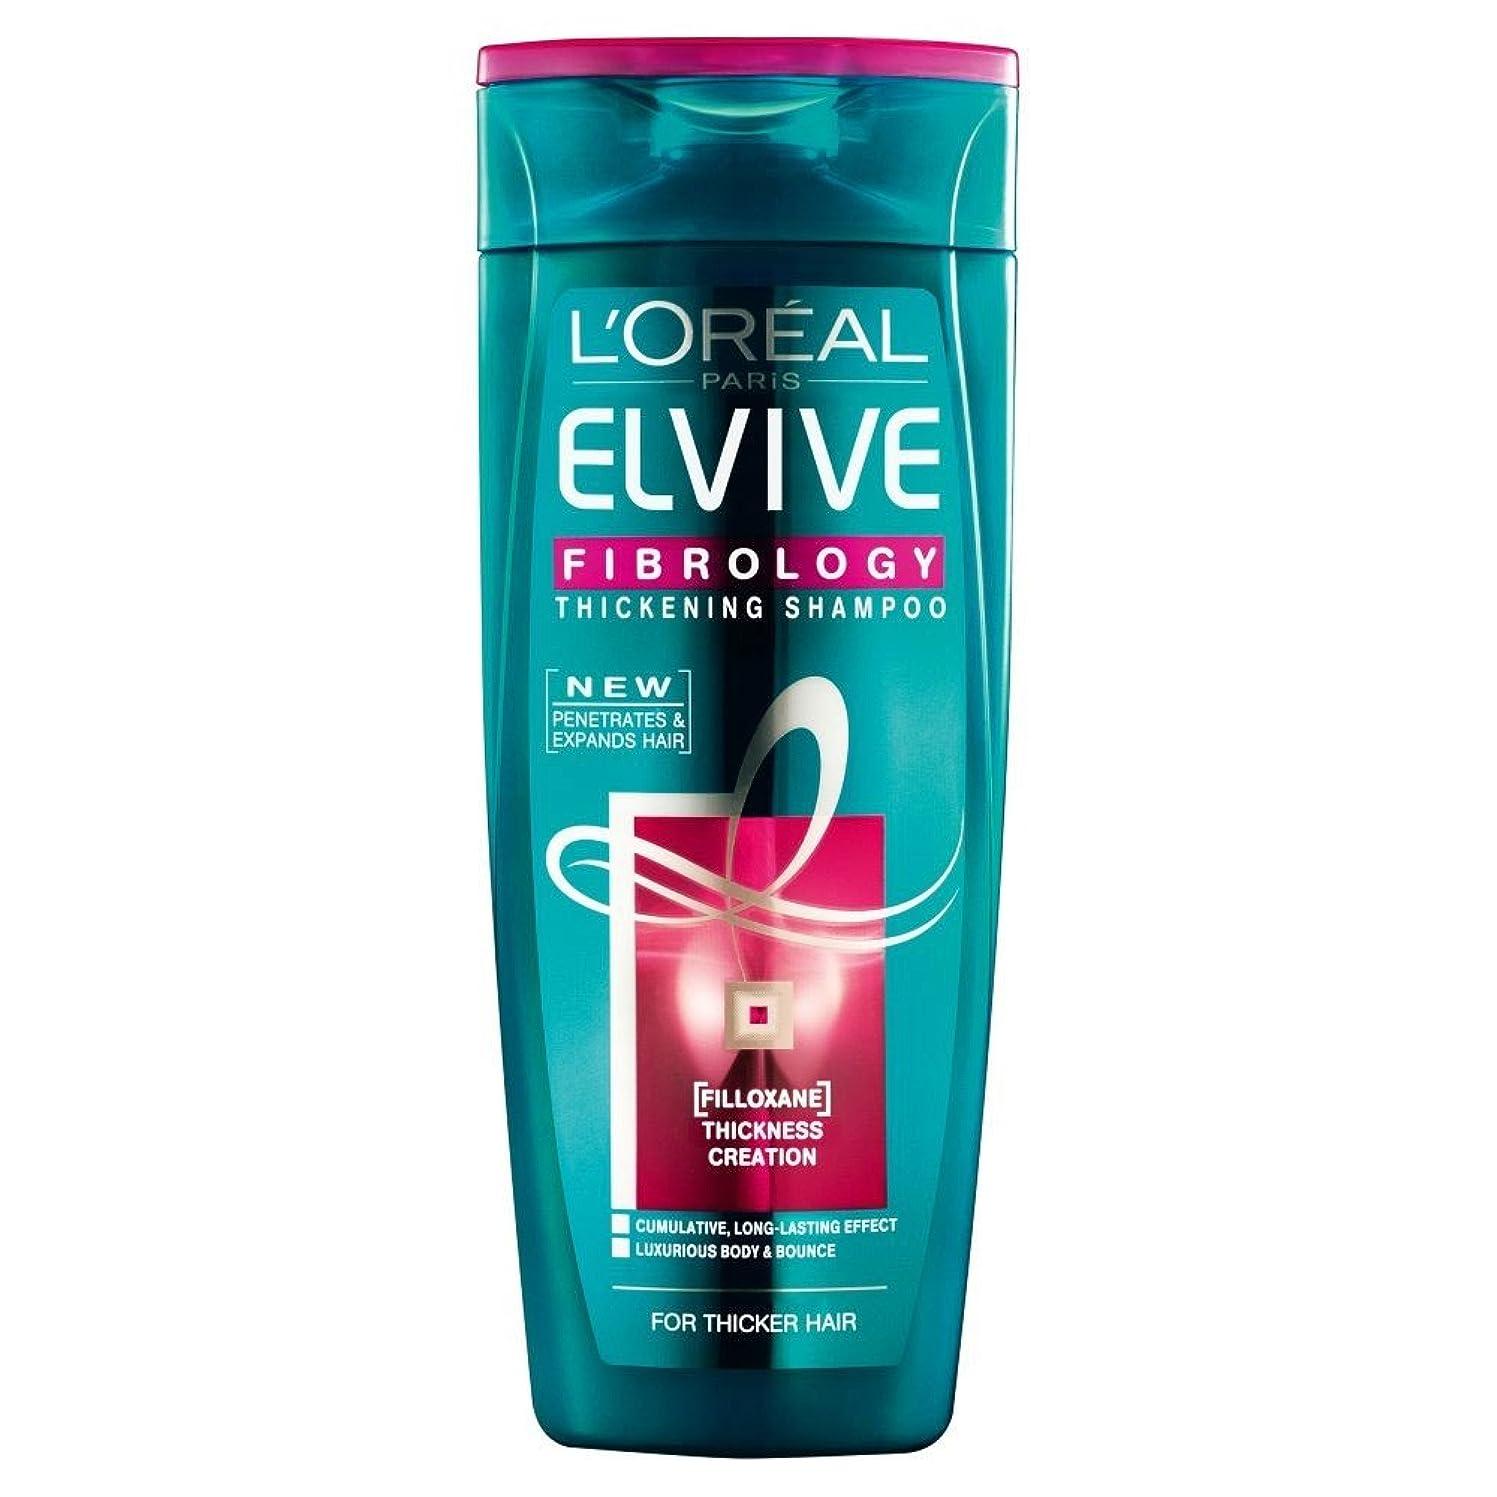 閲覧する忠実な学部L'Oreal Paris Elvive Fibrology Thickening Shampoo (400ml) L'オラ?アルパリelviveのfibrology肥厚シャンプー( 400ミリリットル) [並行輸入品]